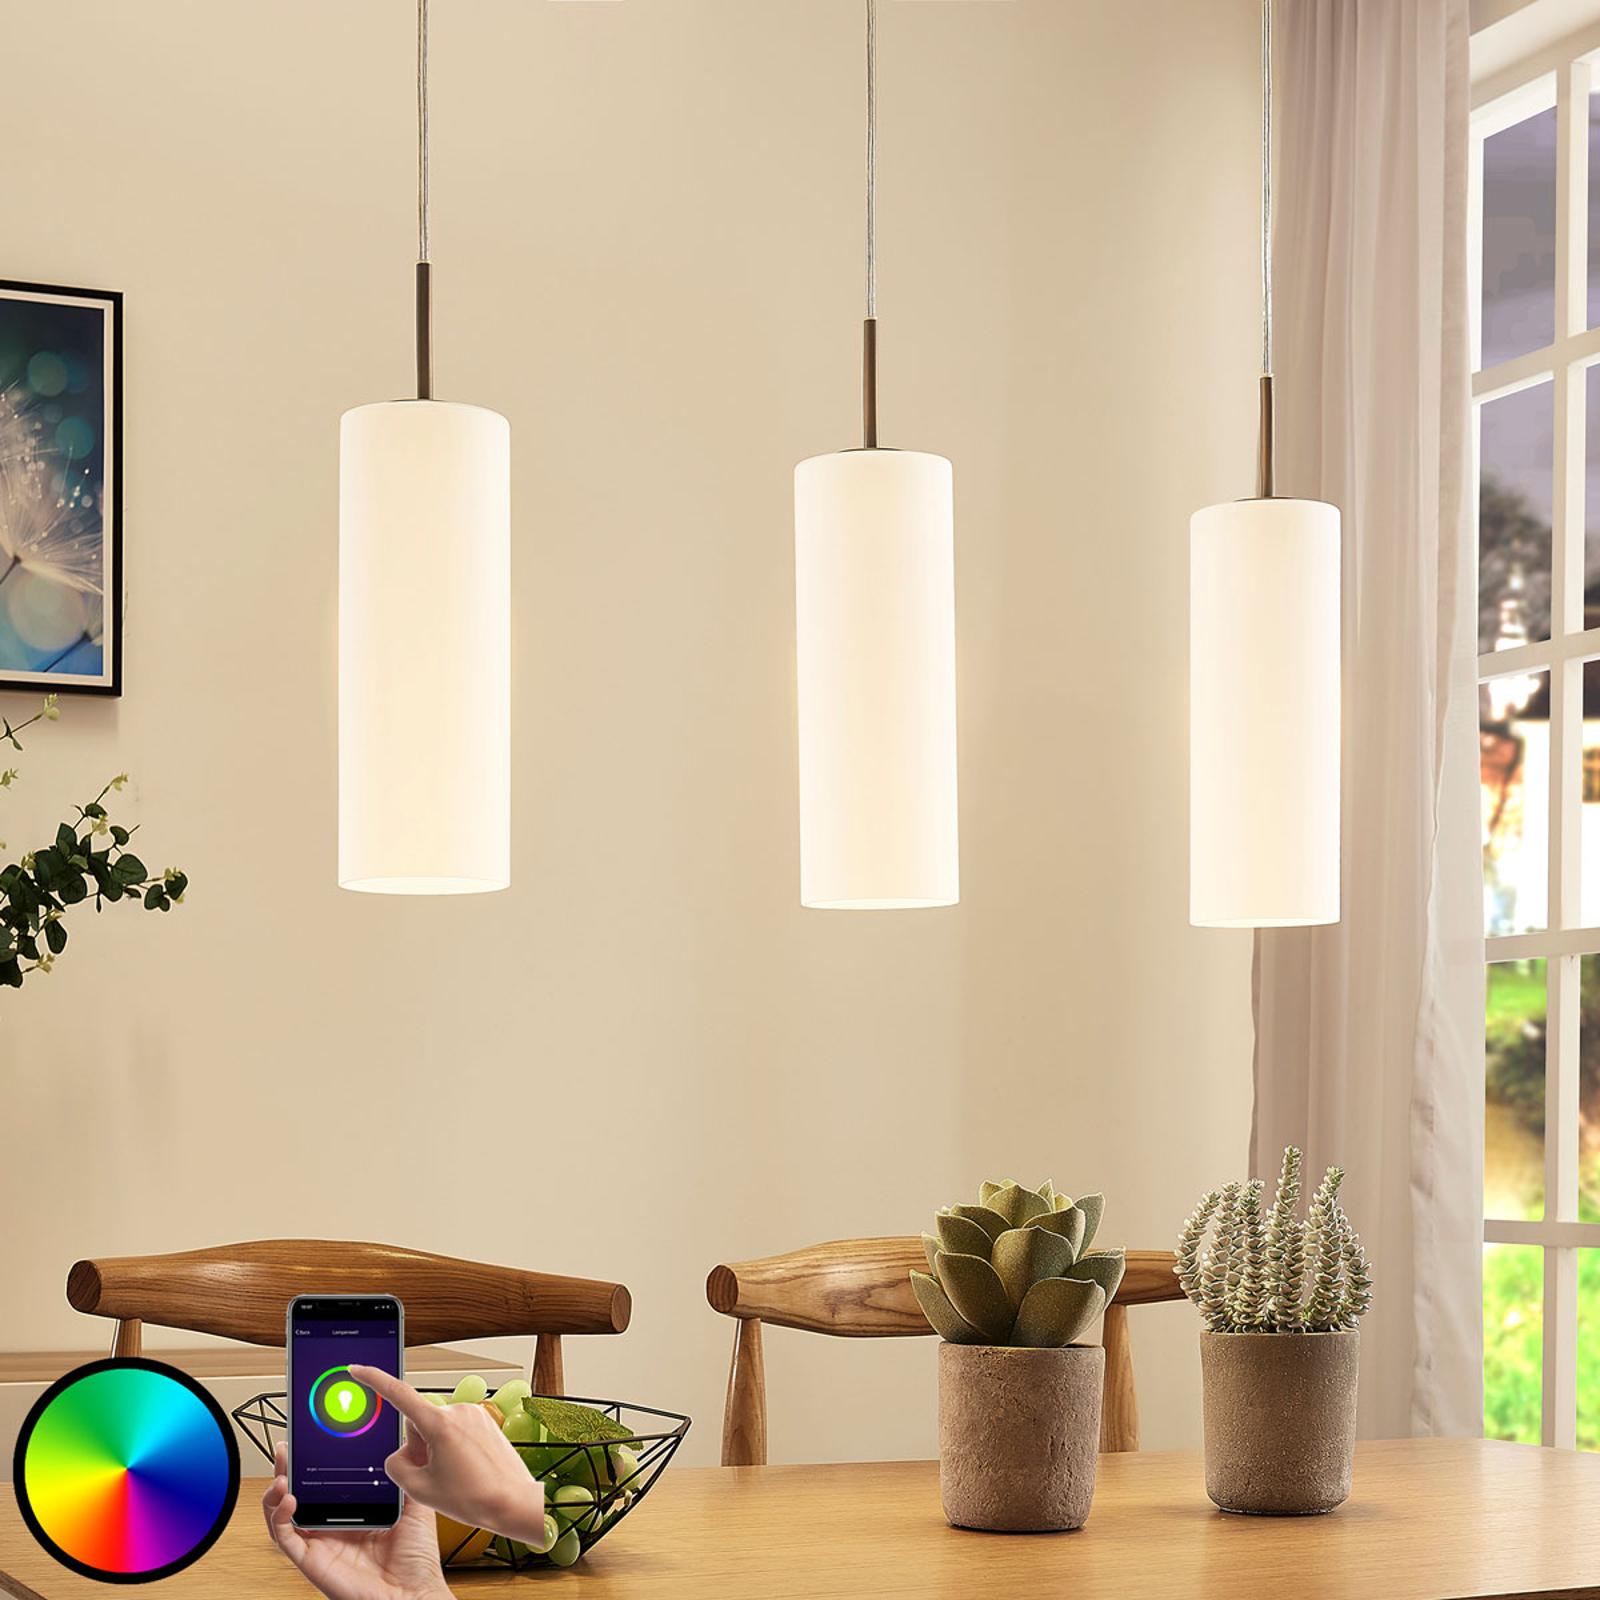 Lampada LED a sospensione Felice a 3 luci RGB